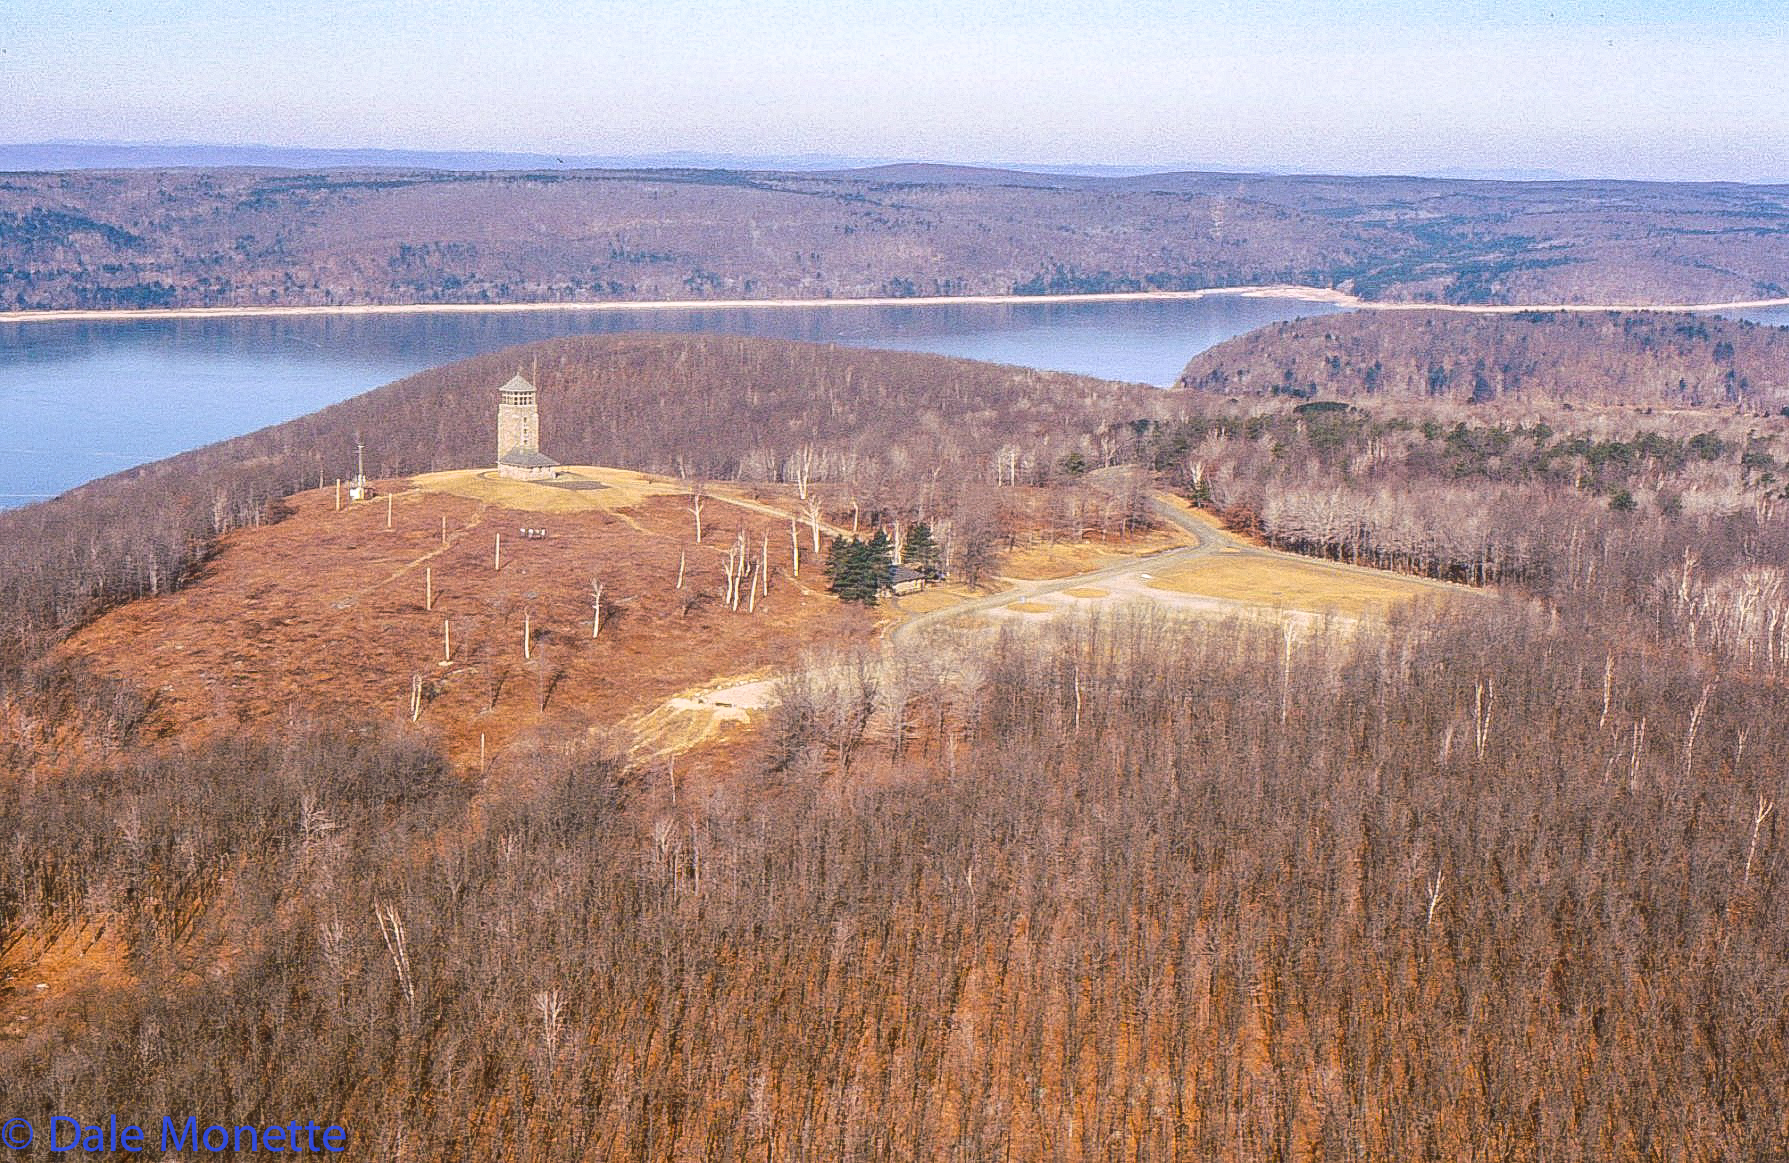 The Quabbin Tower